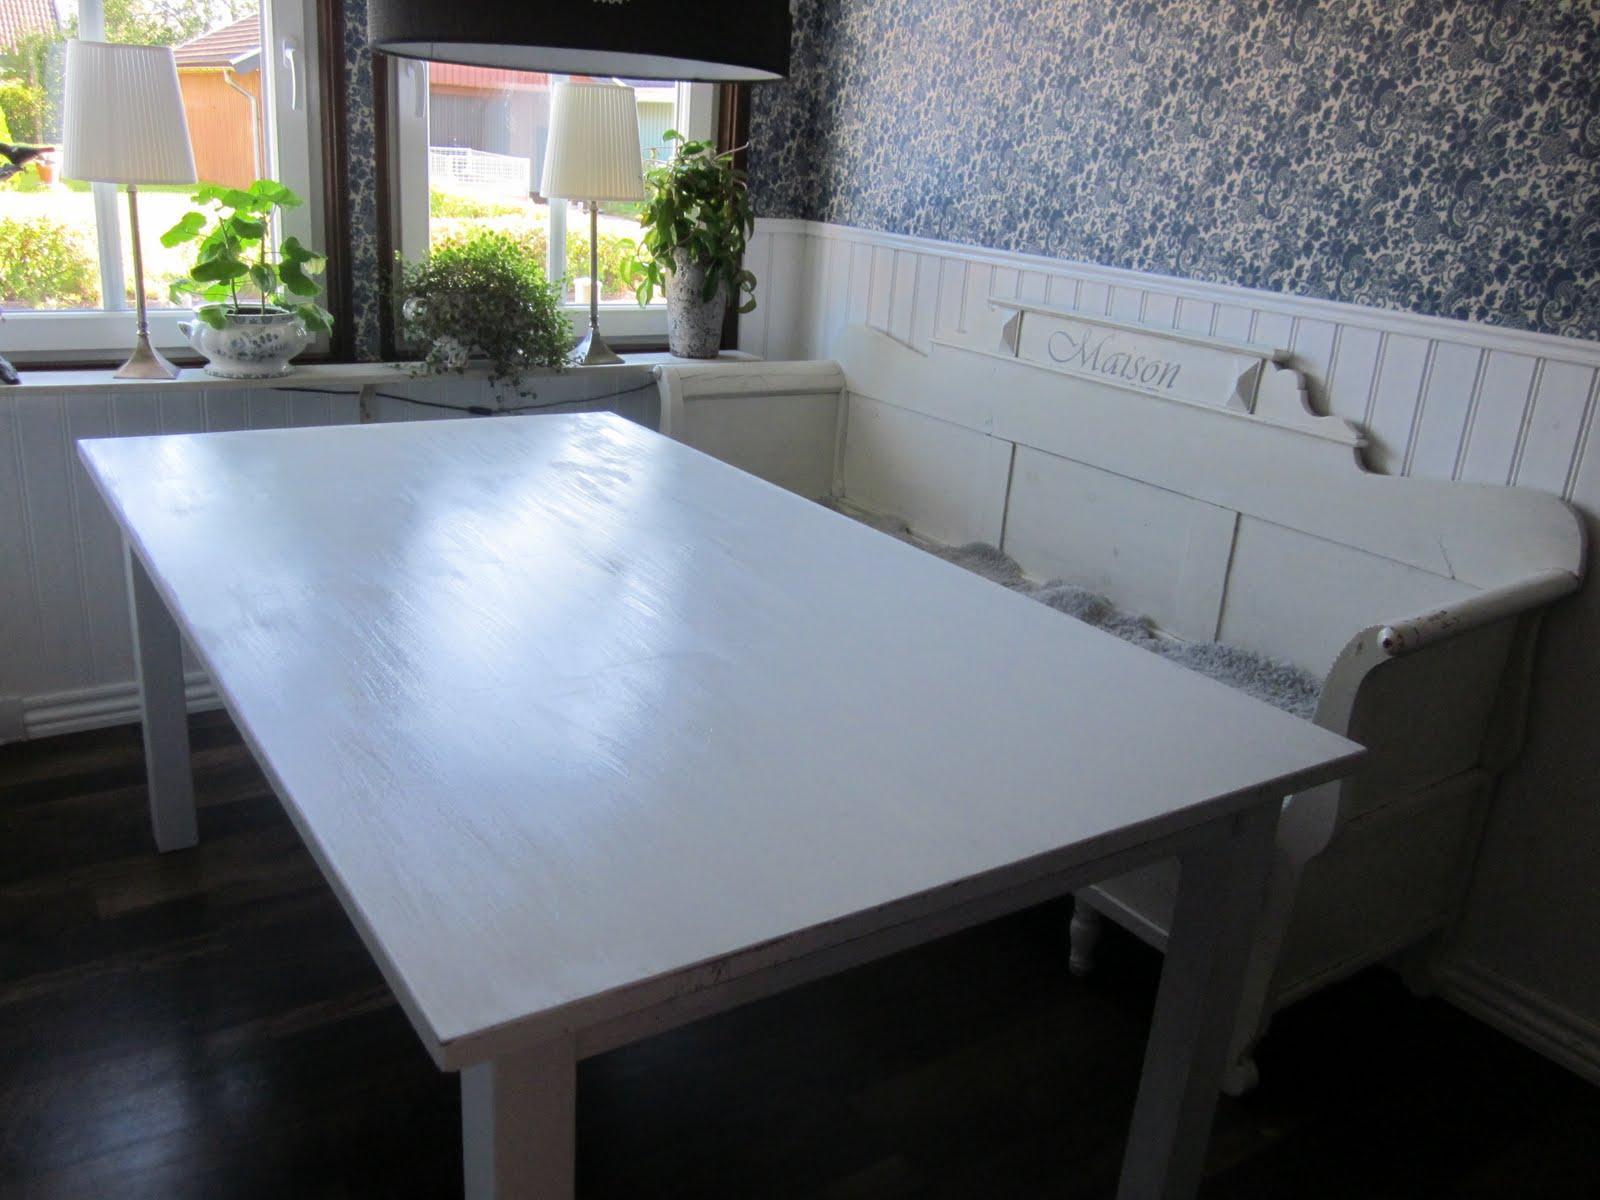 Moderna Koksbord : vitt koksbord  Ovalt koksbord, skiva i vitt och ben i krom, som